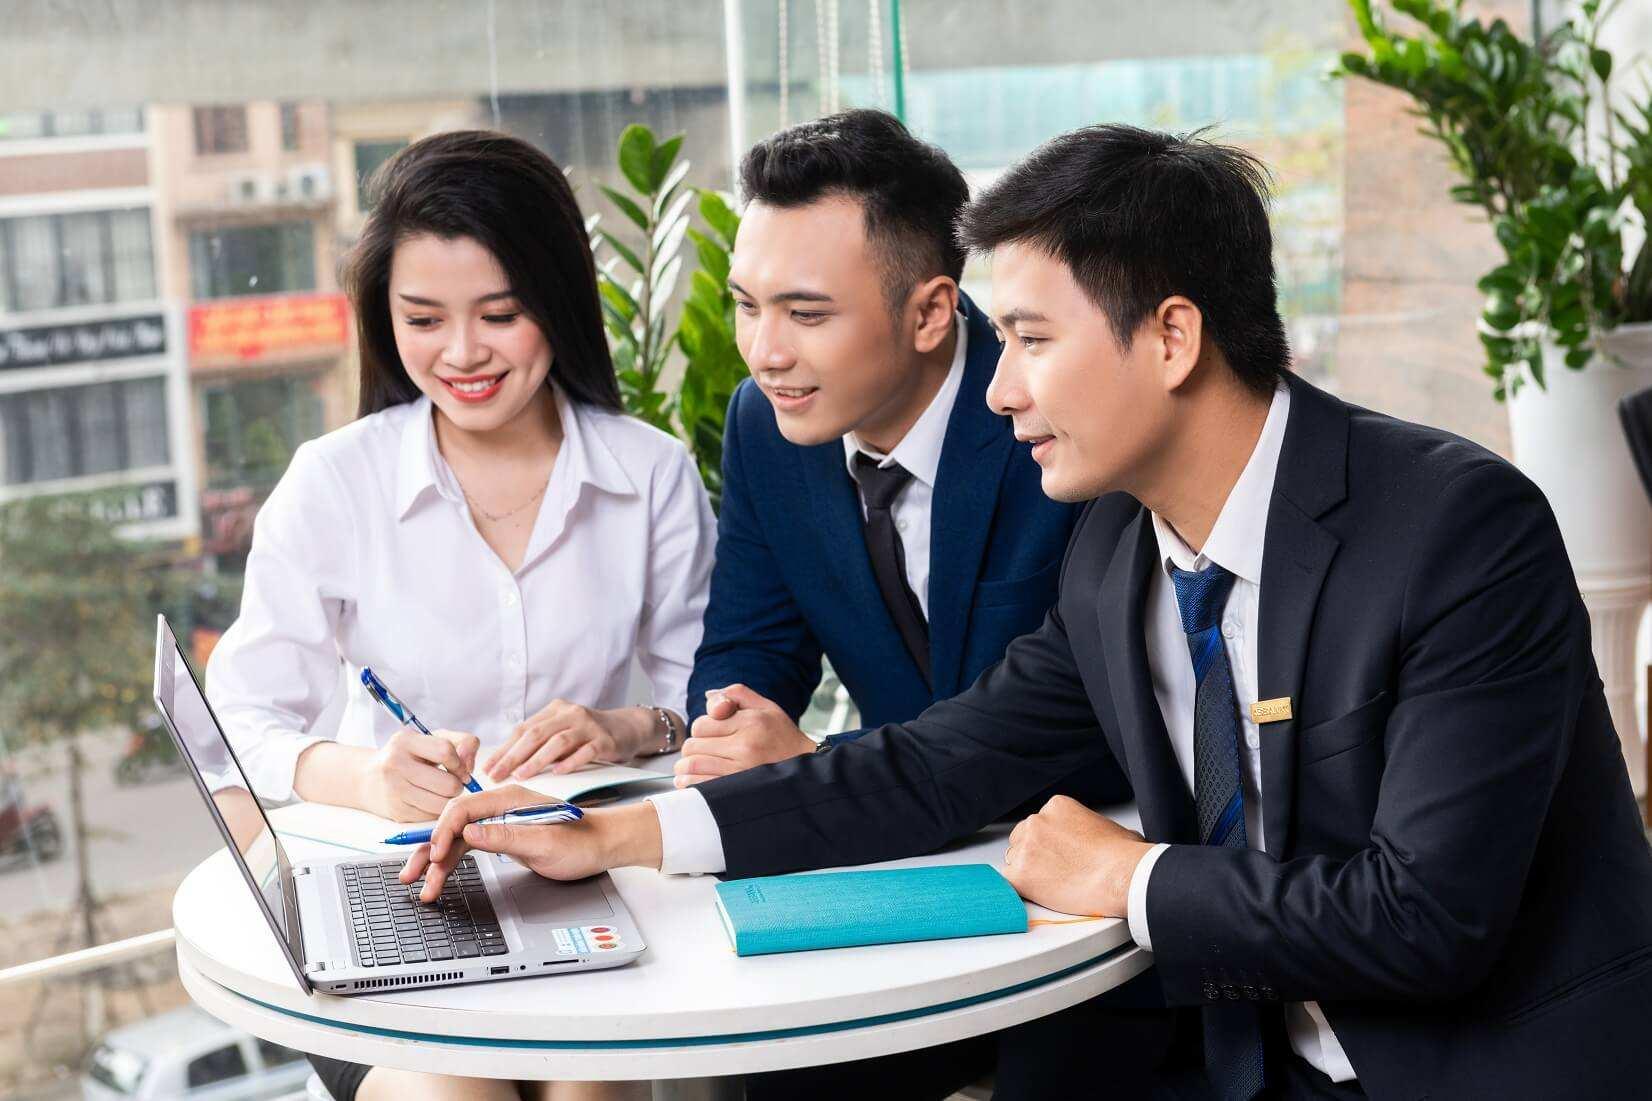 Chuyên viên tư vấn tài chính cá nhân cần những kỹ năng gì?